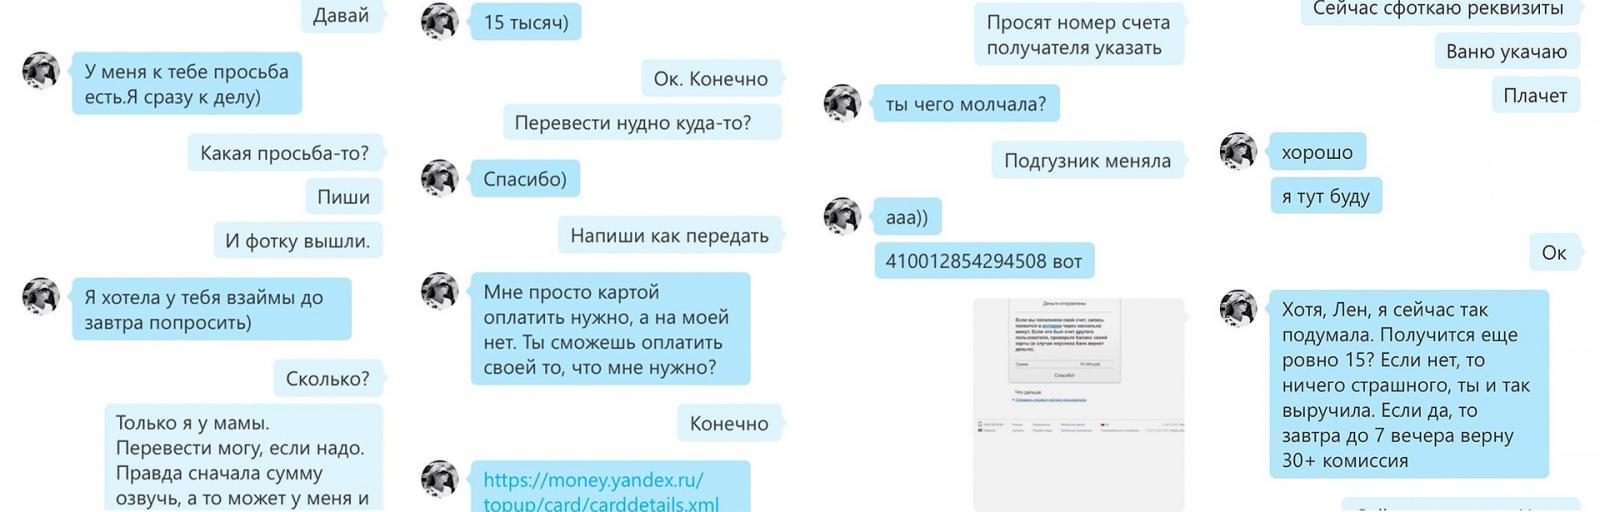 Интервью со skype-мошенником - 1